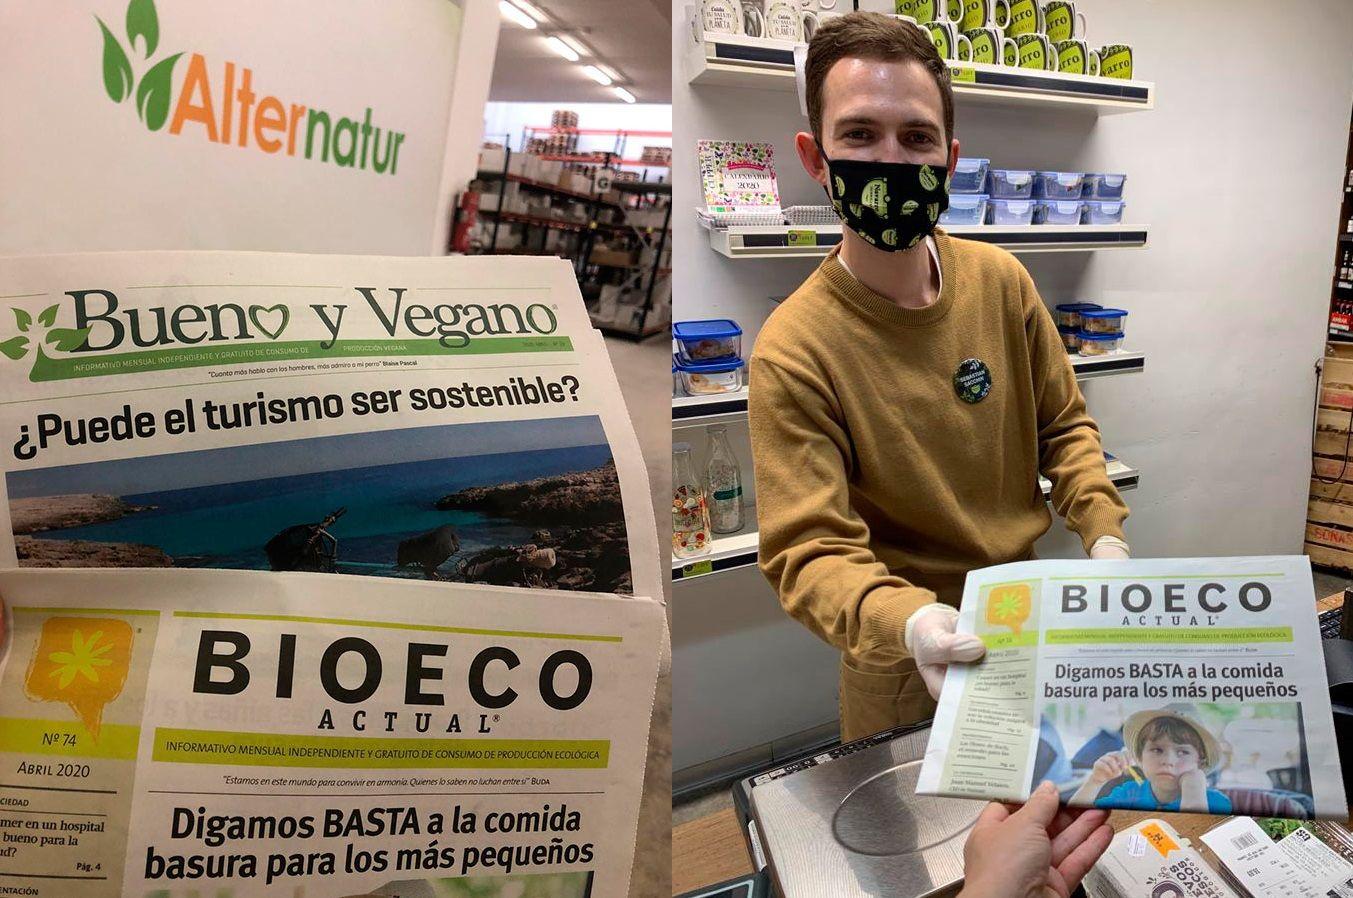 Alimentación Ecológica Covid-19 Alternatur y Herbolario Navarro Covid-19 comercio ecológico proximidad